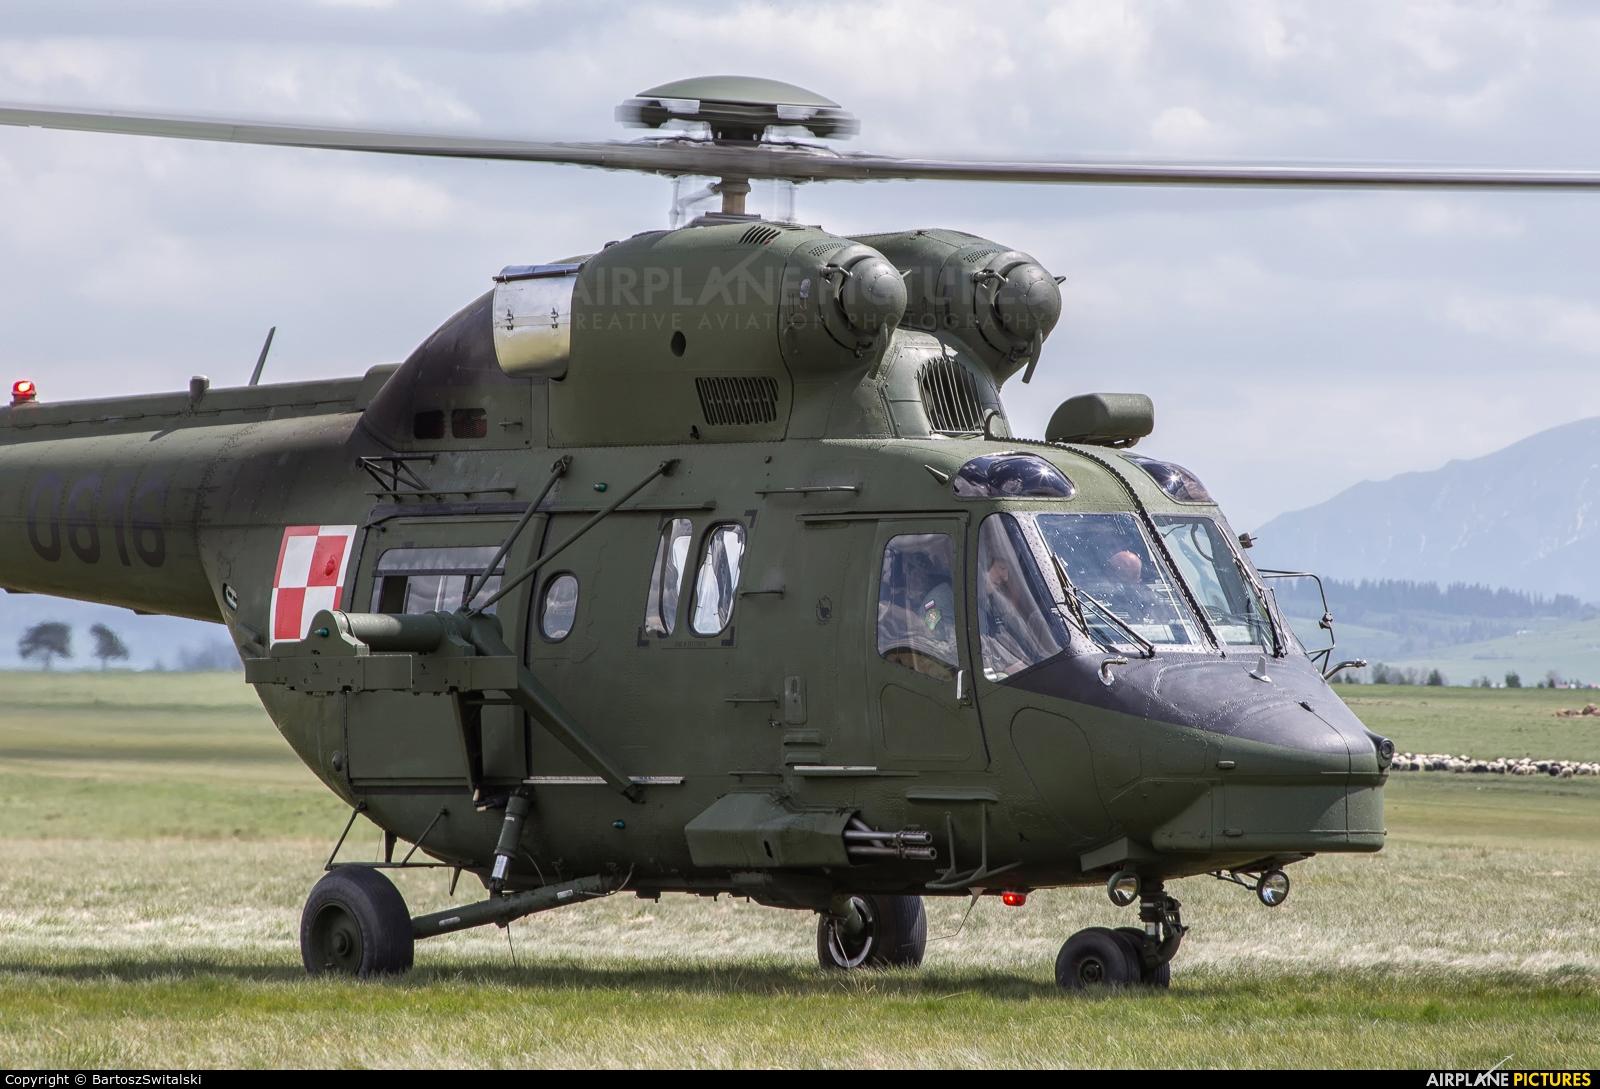 Poland - Army 0616 aircraft at Nowy Targ